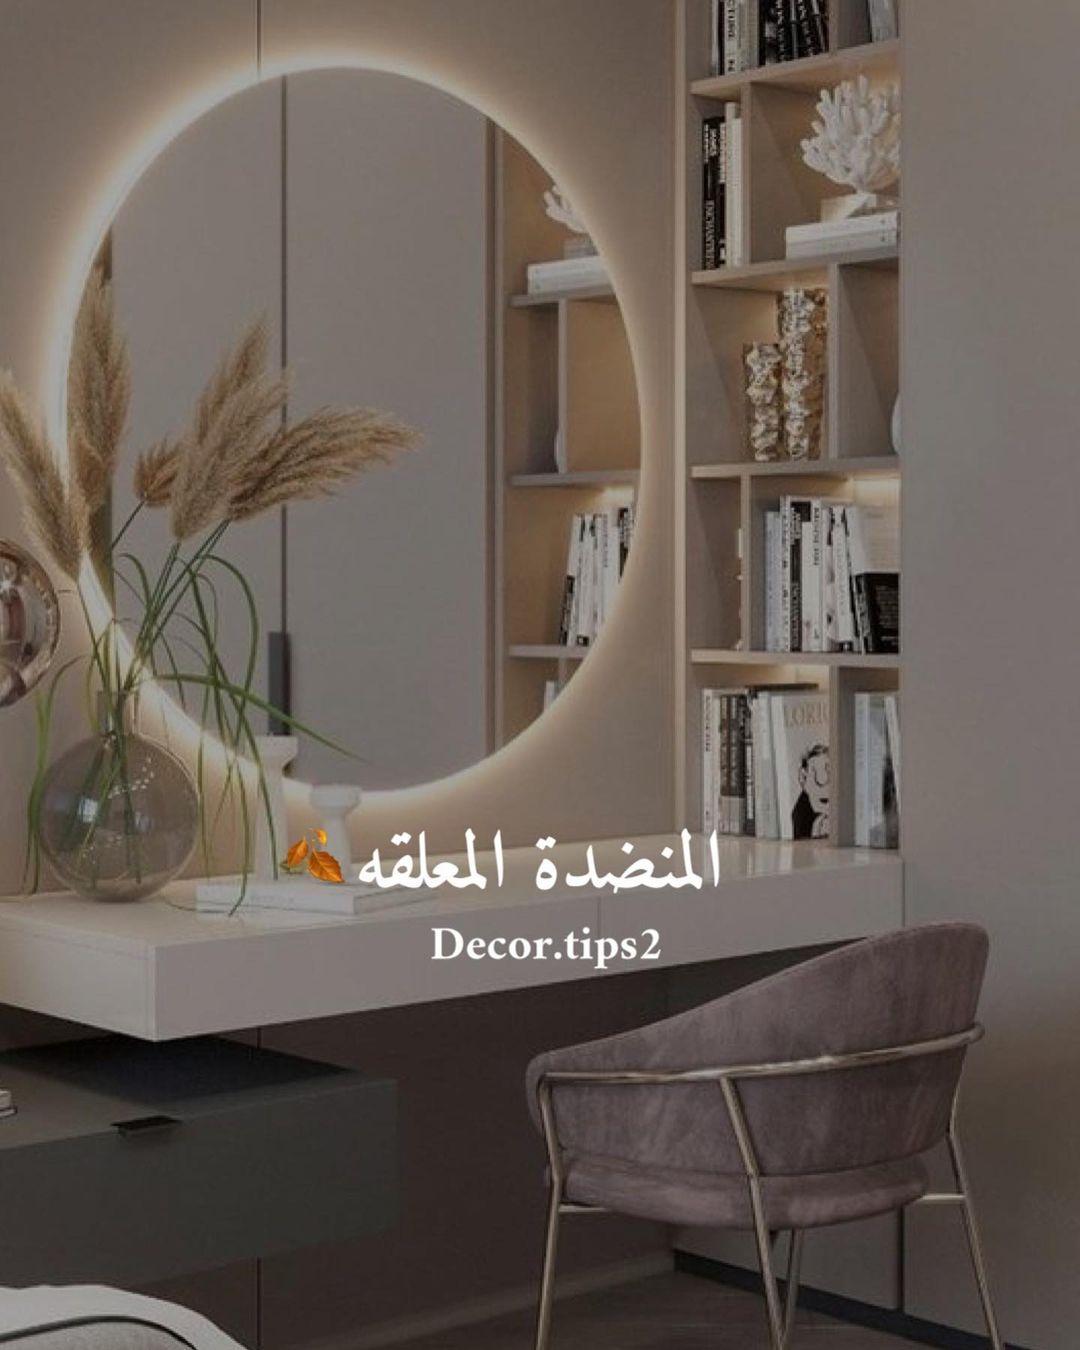 .  المنضدة المعلقة  هي احدى الأفكار الجميلة لغرف النوم بحيث تتوفر منضدة زينة ف…